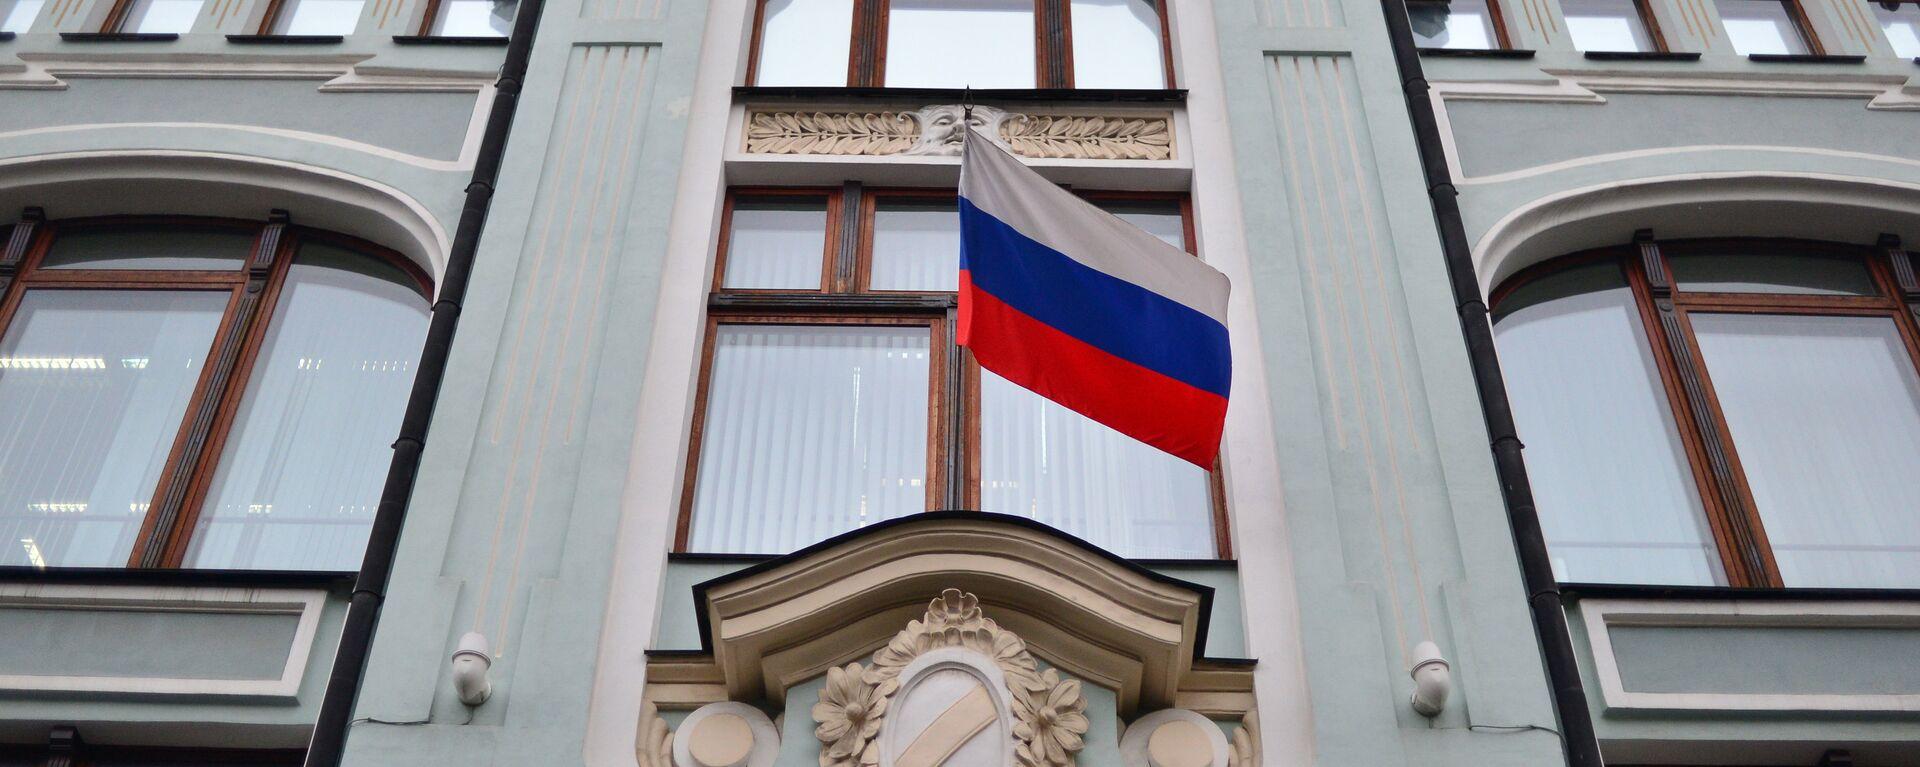 Fasada zdanja Centralne izborne komisije (CIK) Rusije - Sputnik Srbija, 1920, 09.08.2021